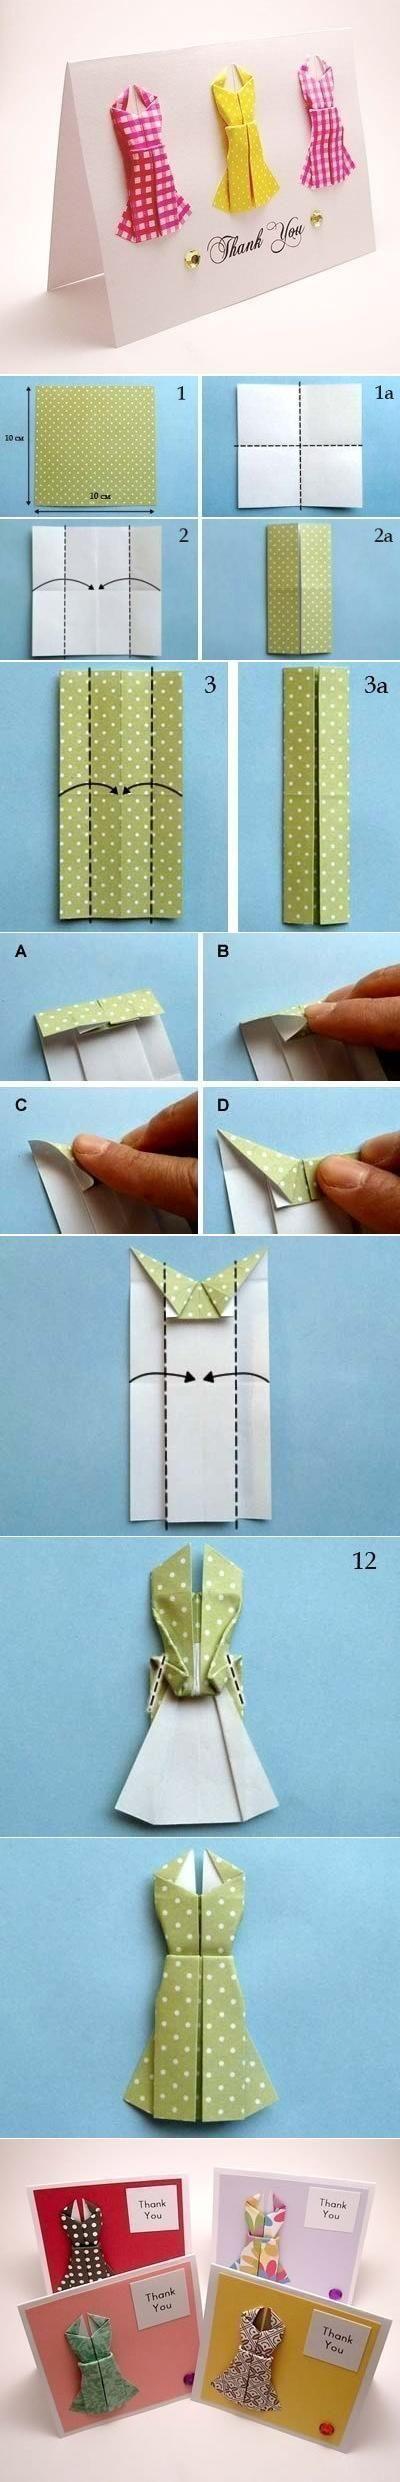 DIY Fashion Thank You Card DIY Projects / UsefulDIY.com